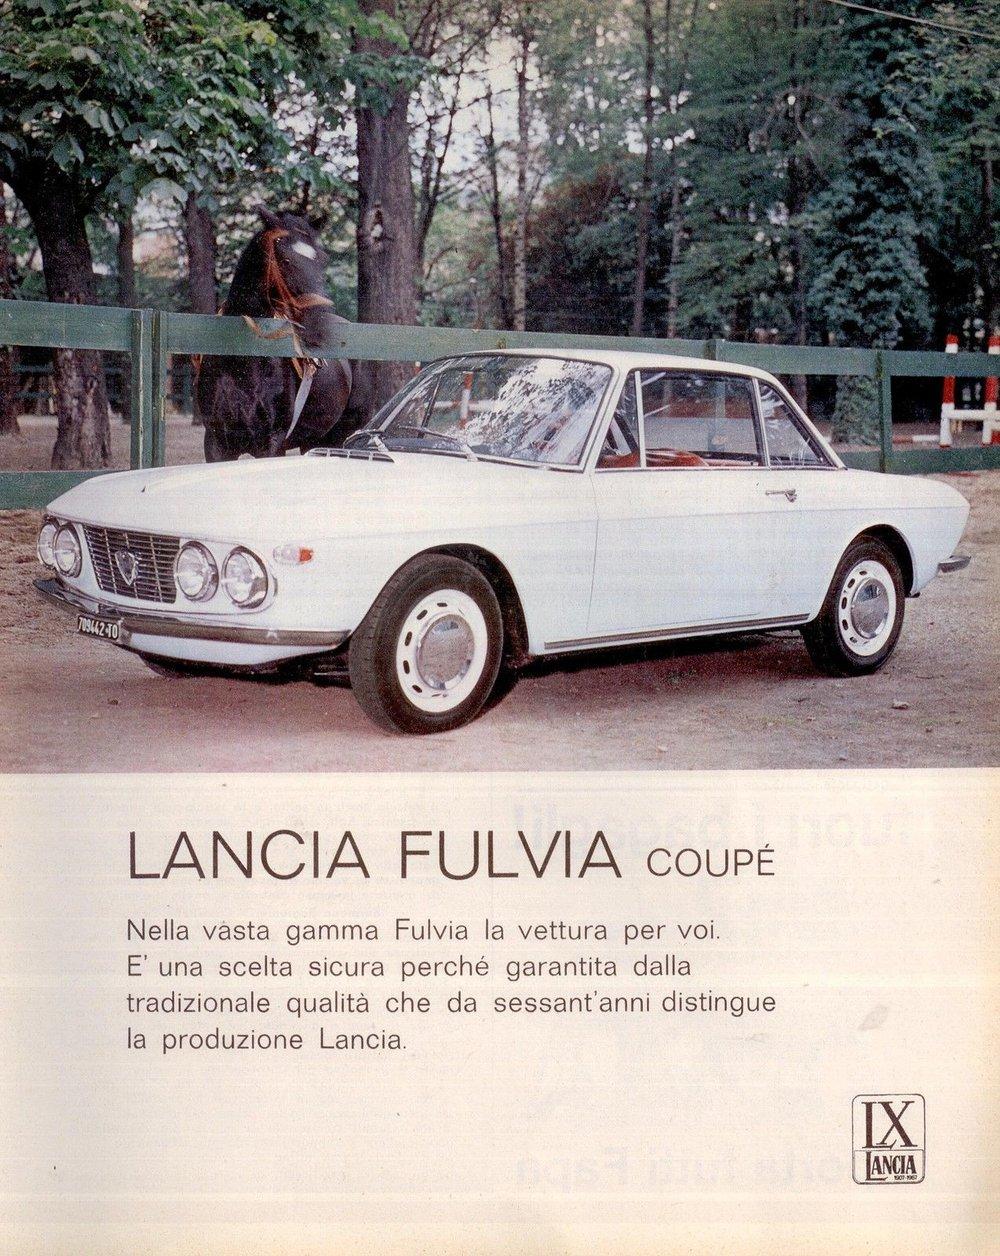 Pubblicità-originale-anni-60-LANCIA-FULVIA-COUPE-advertising.jpg